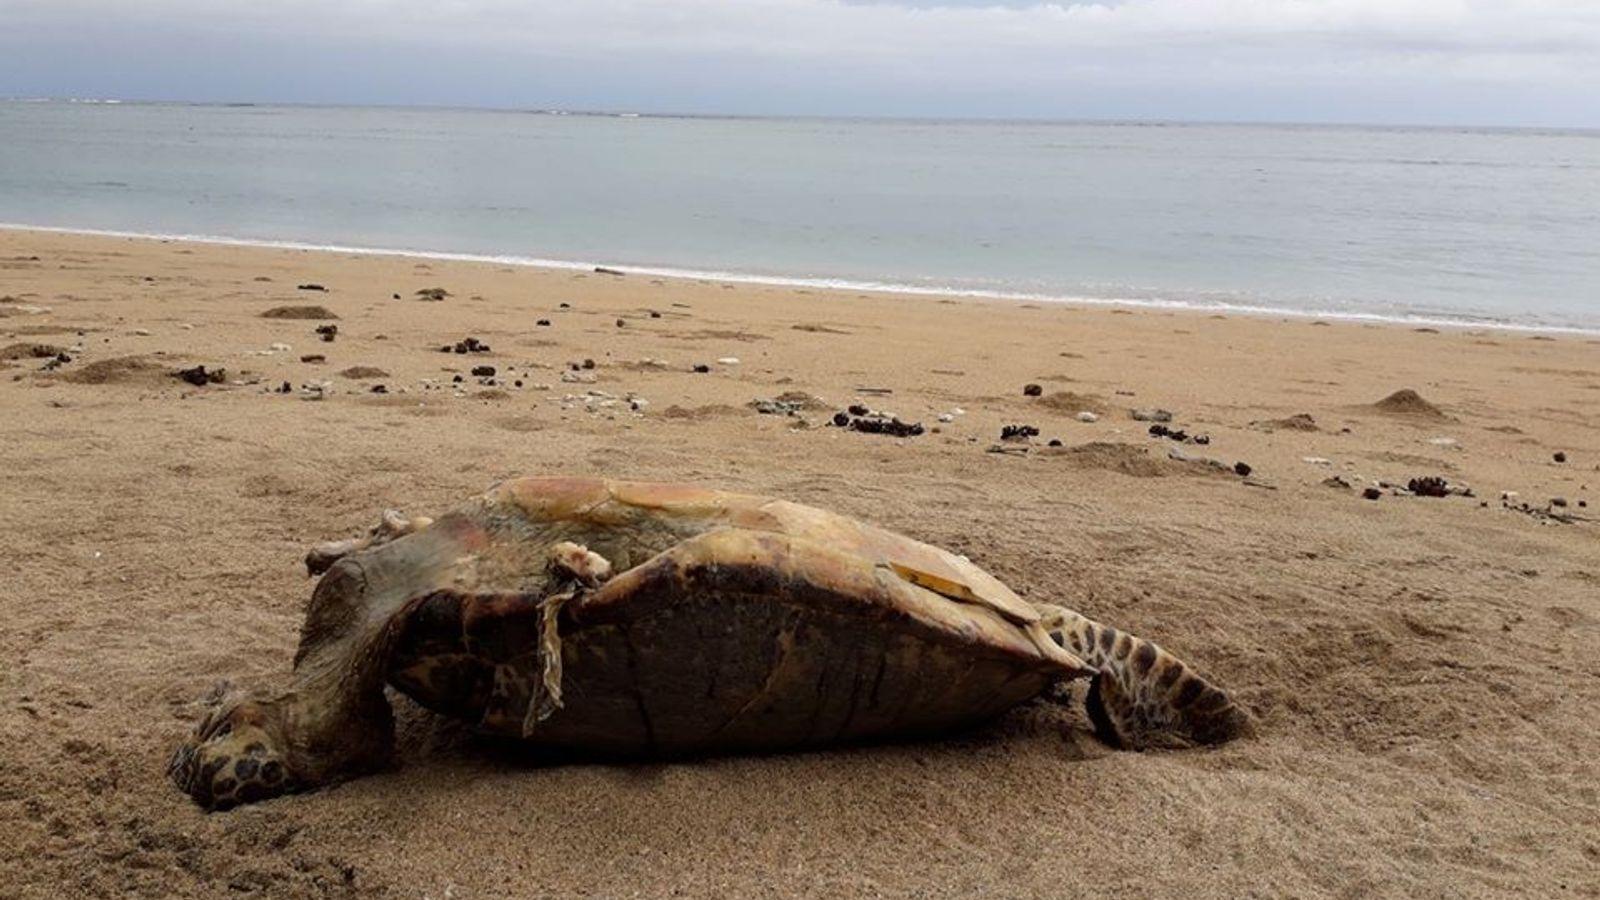 Cadavre d'une tortue verte sur la plage de Moya, à l'est de Mayotte